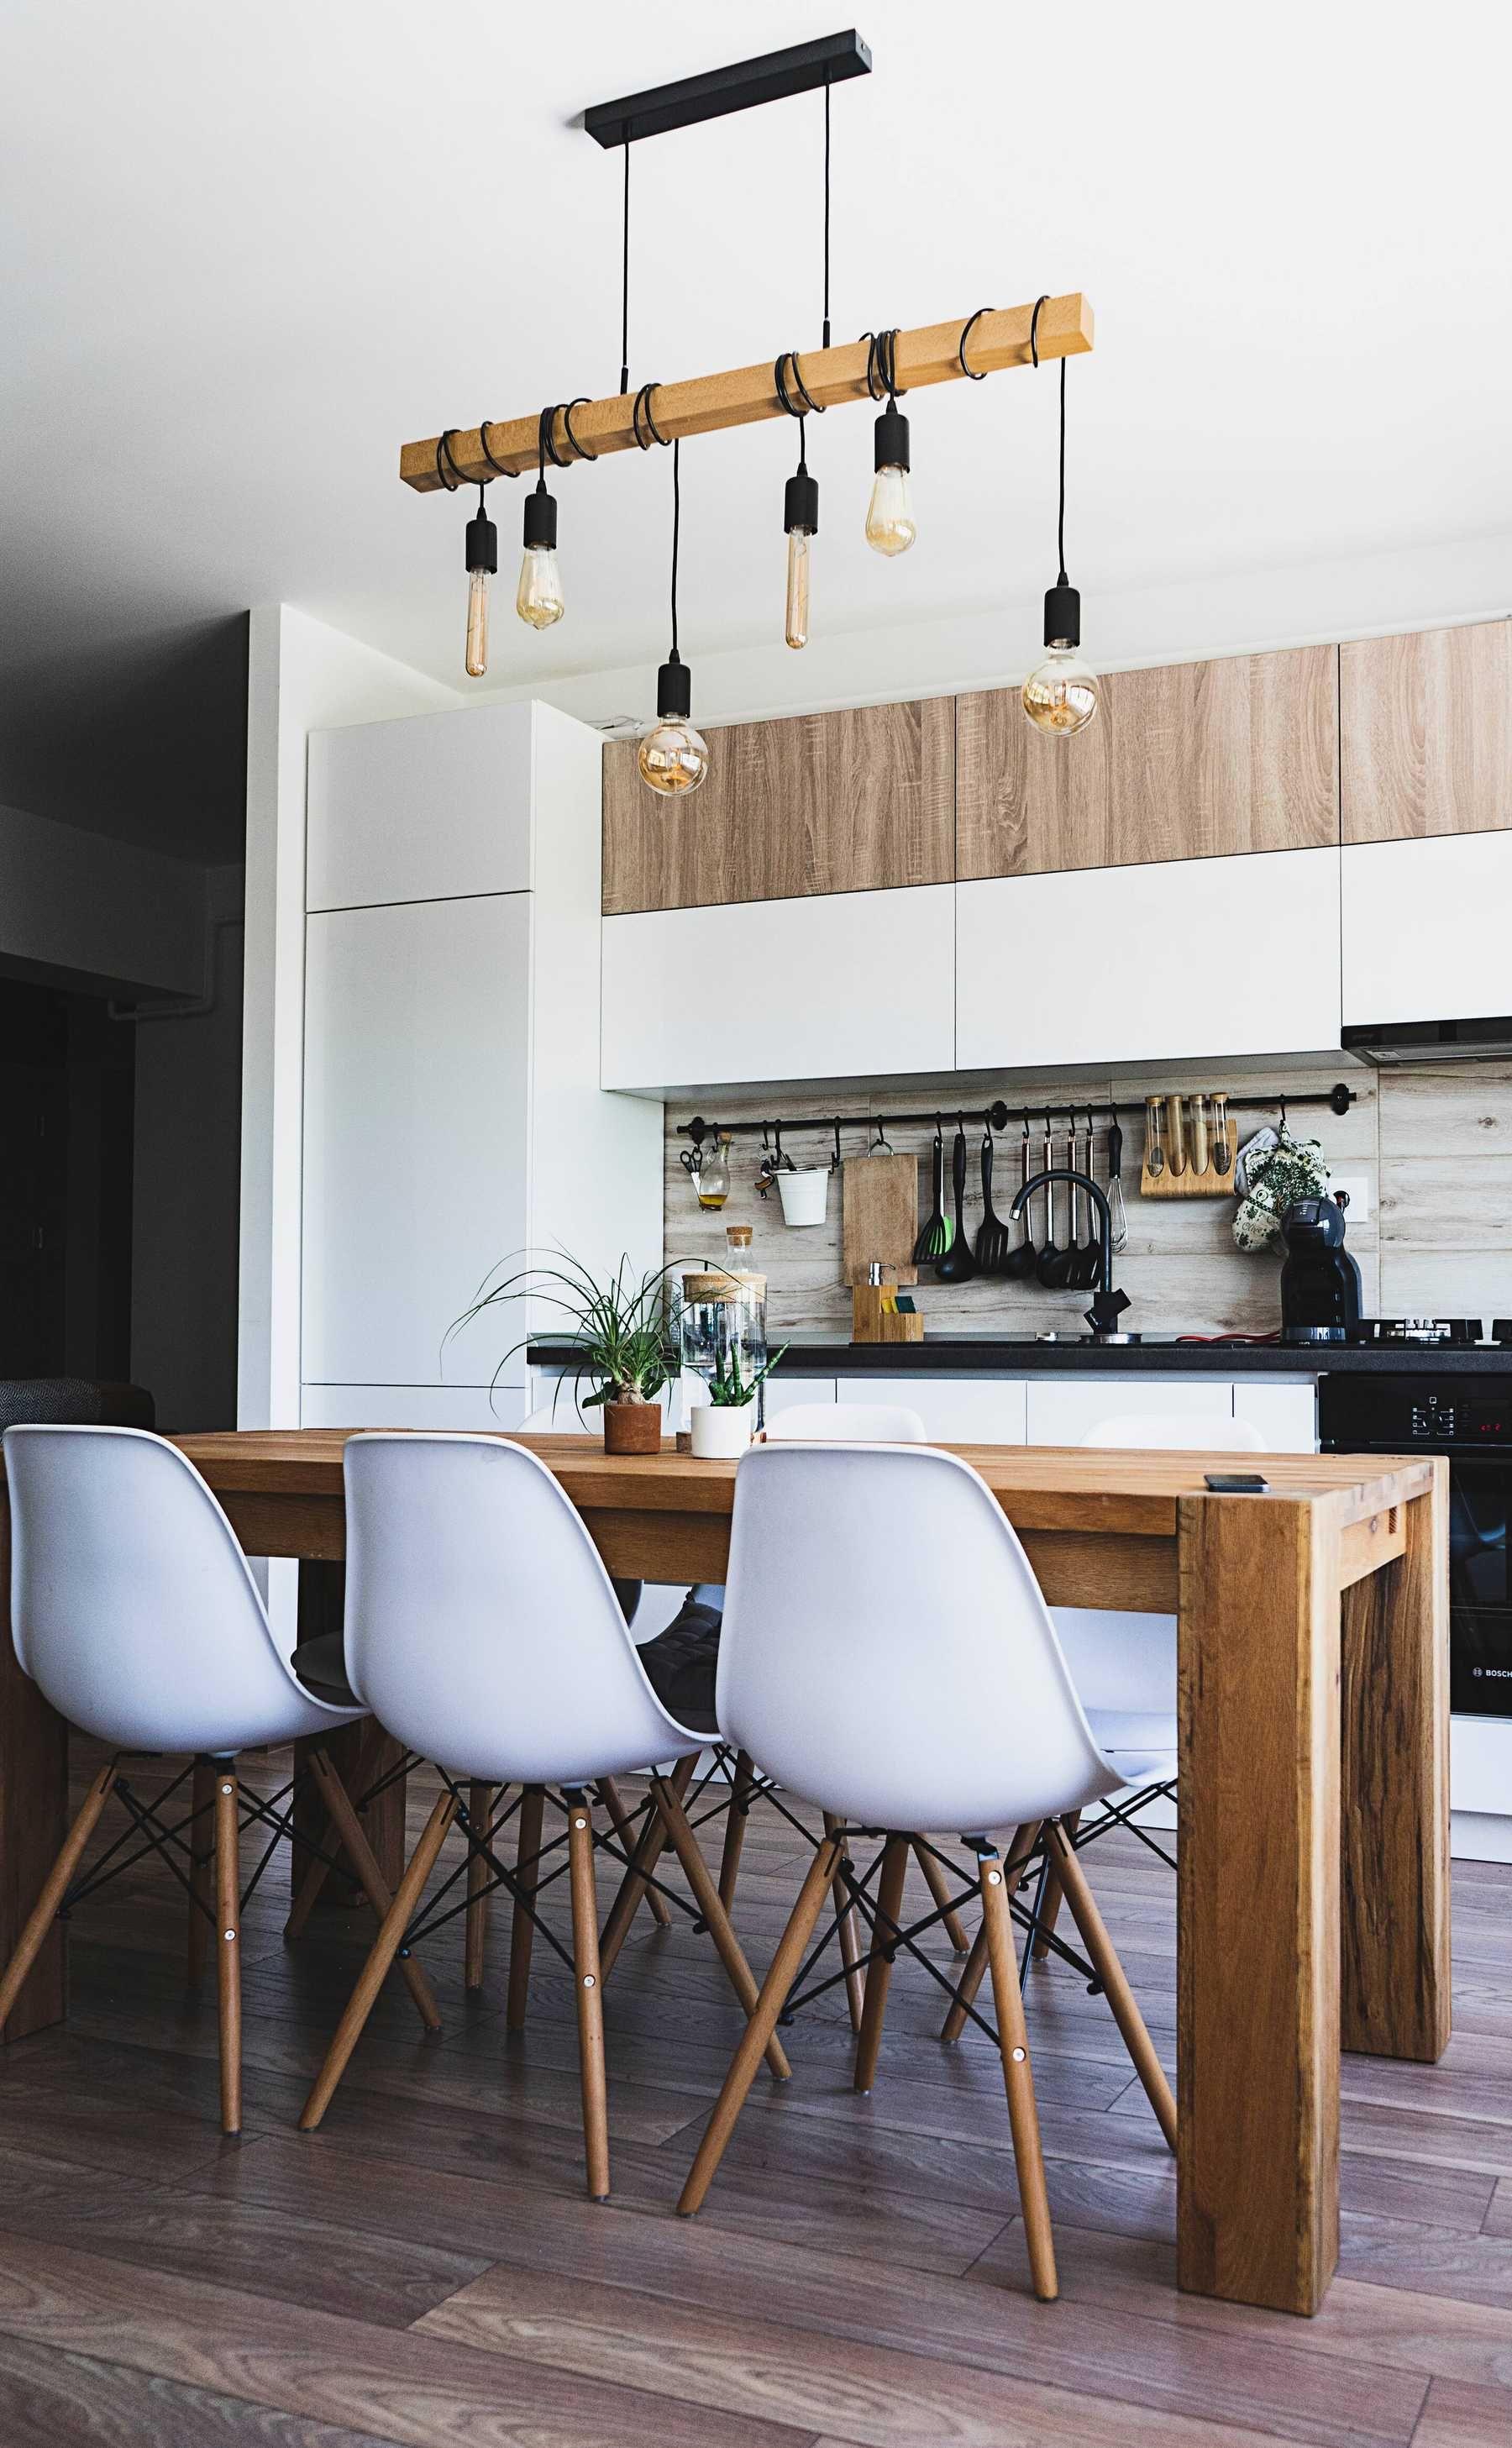 trang trí nhà bếp với vật dụng, phụ kiện handmade